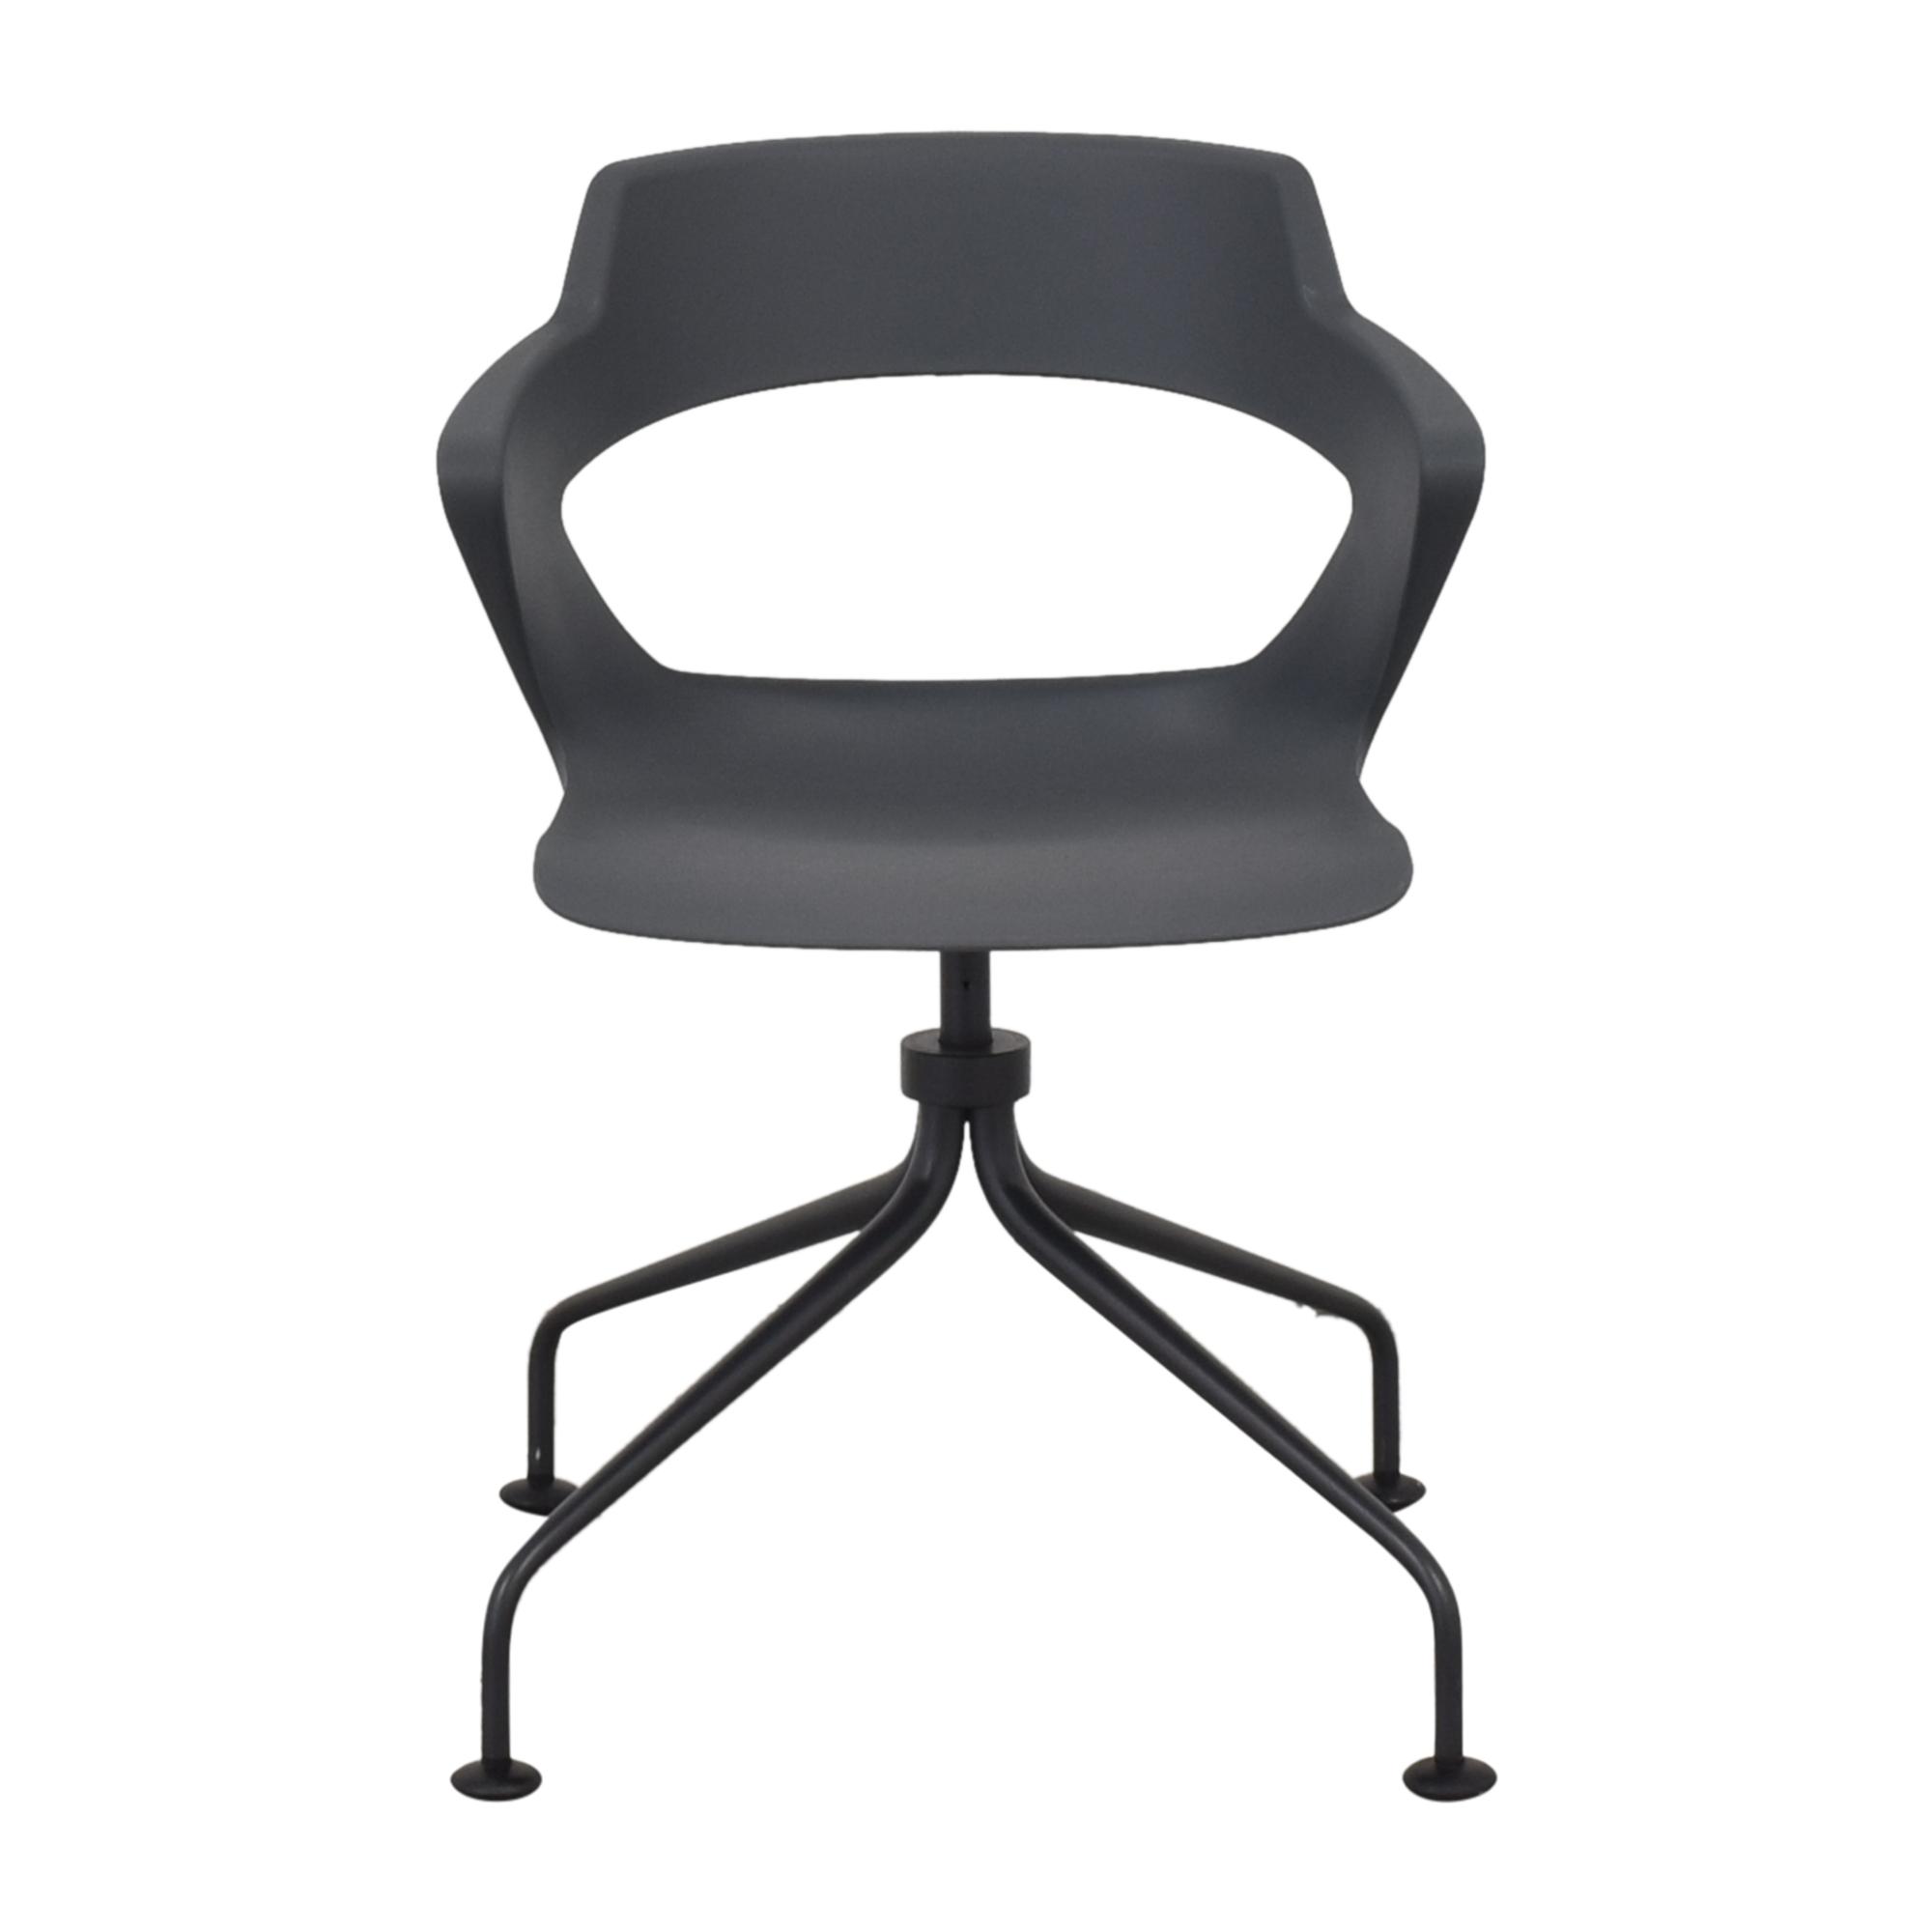 Koleksiyon Koleksiyon Zenith Chair nj